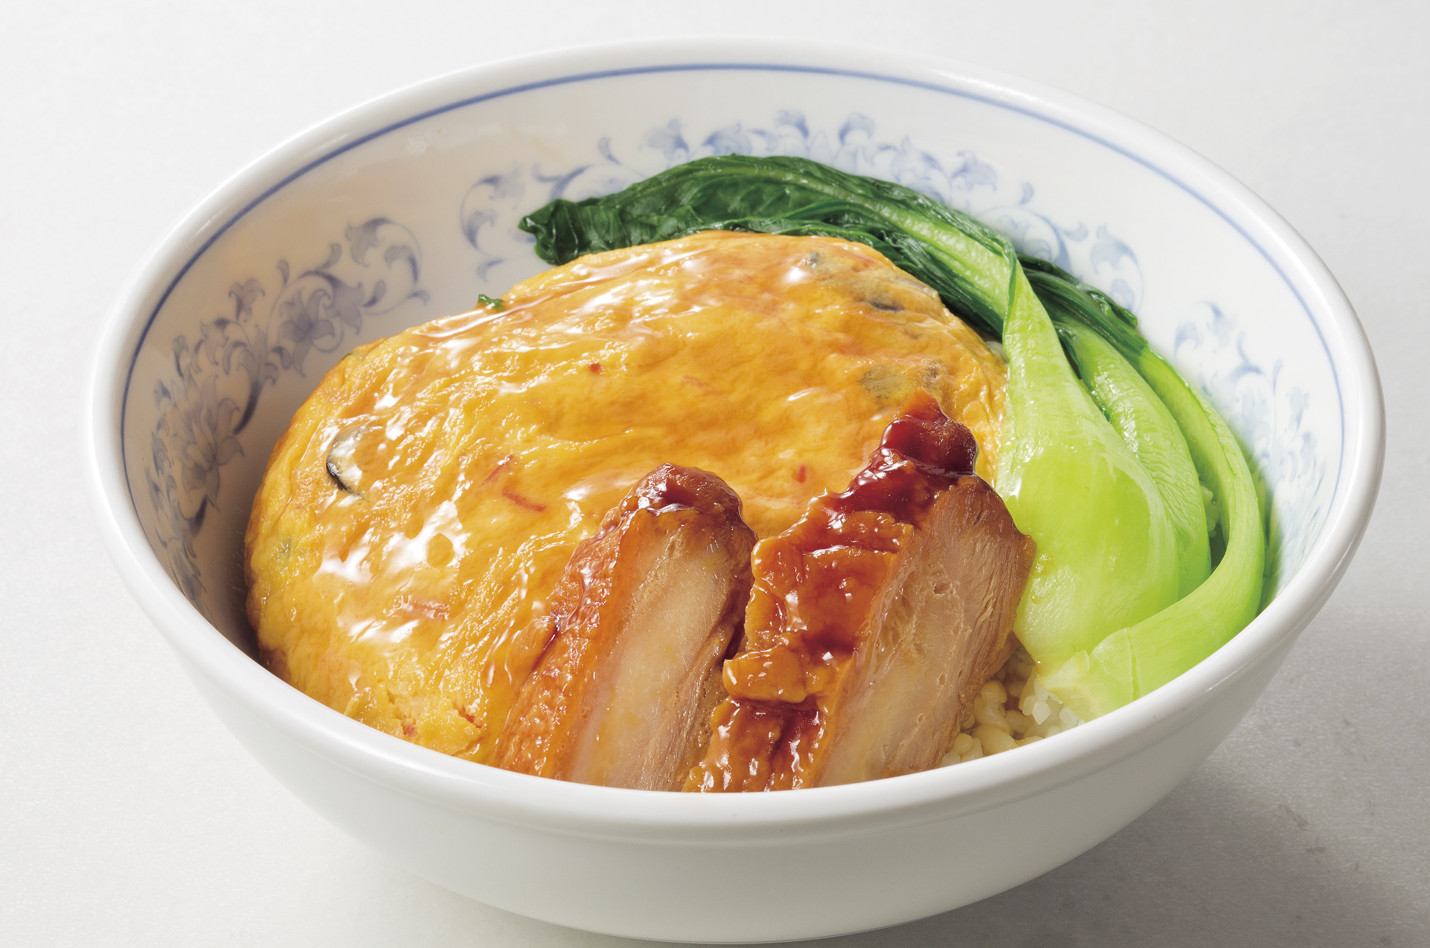 http://kiyoken-restaurant.com/wp/wp-content/uploads/2015/11/26d3d76b6377f76e8d6aea45a4152c67-e1448702067434.jpg